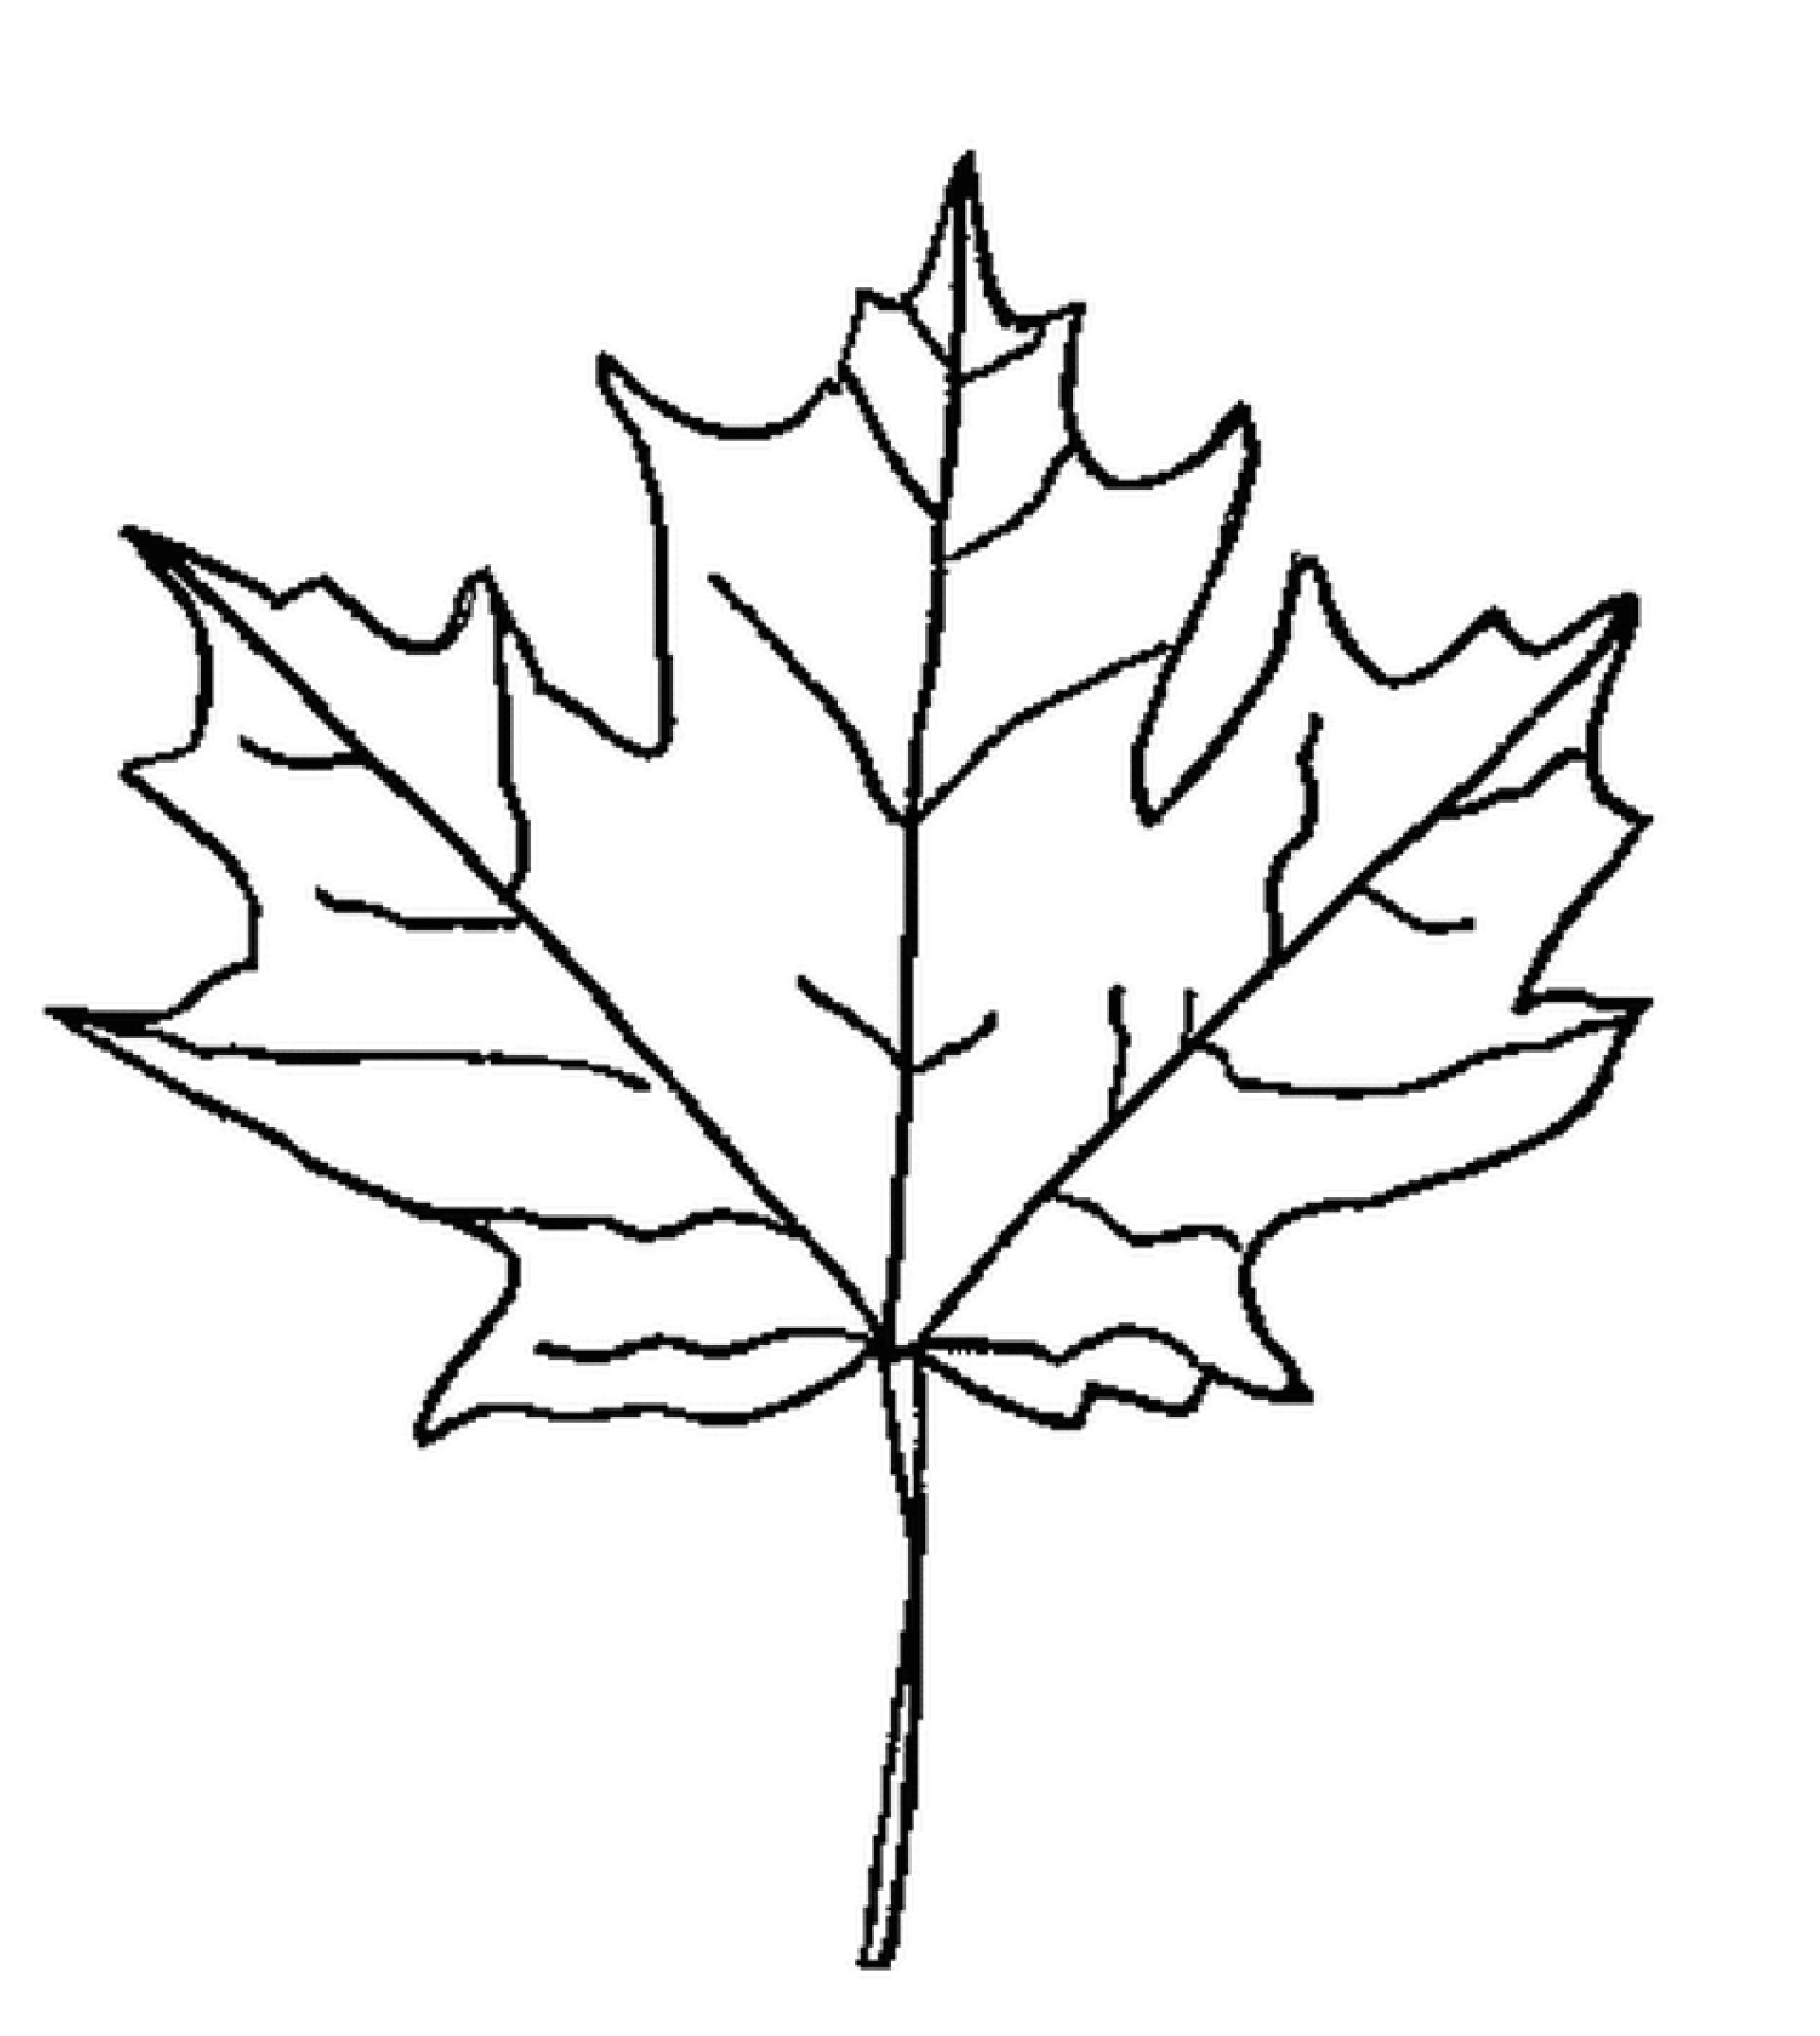 прибора картинки осенних листьев разукрашки для основном пинцгауэры